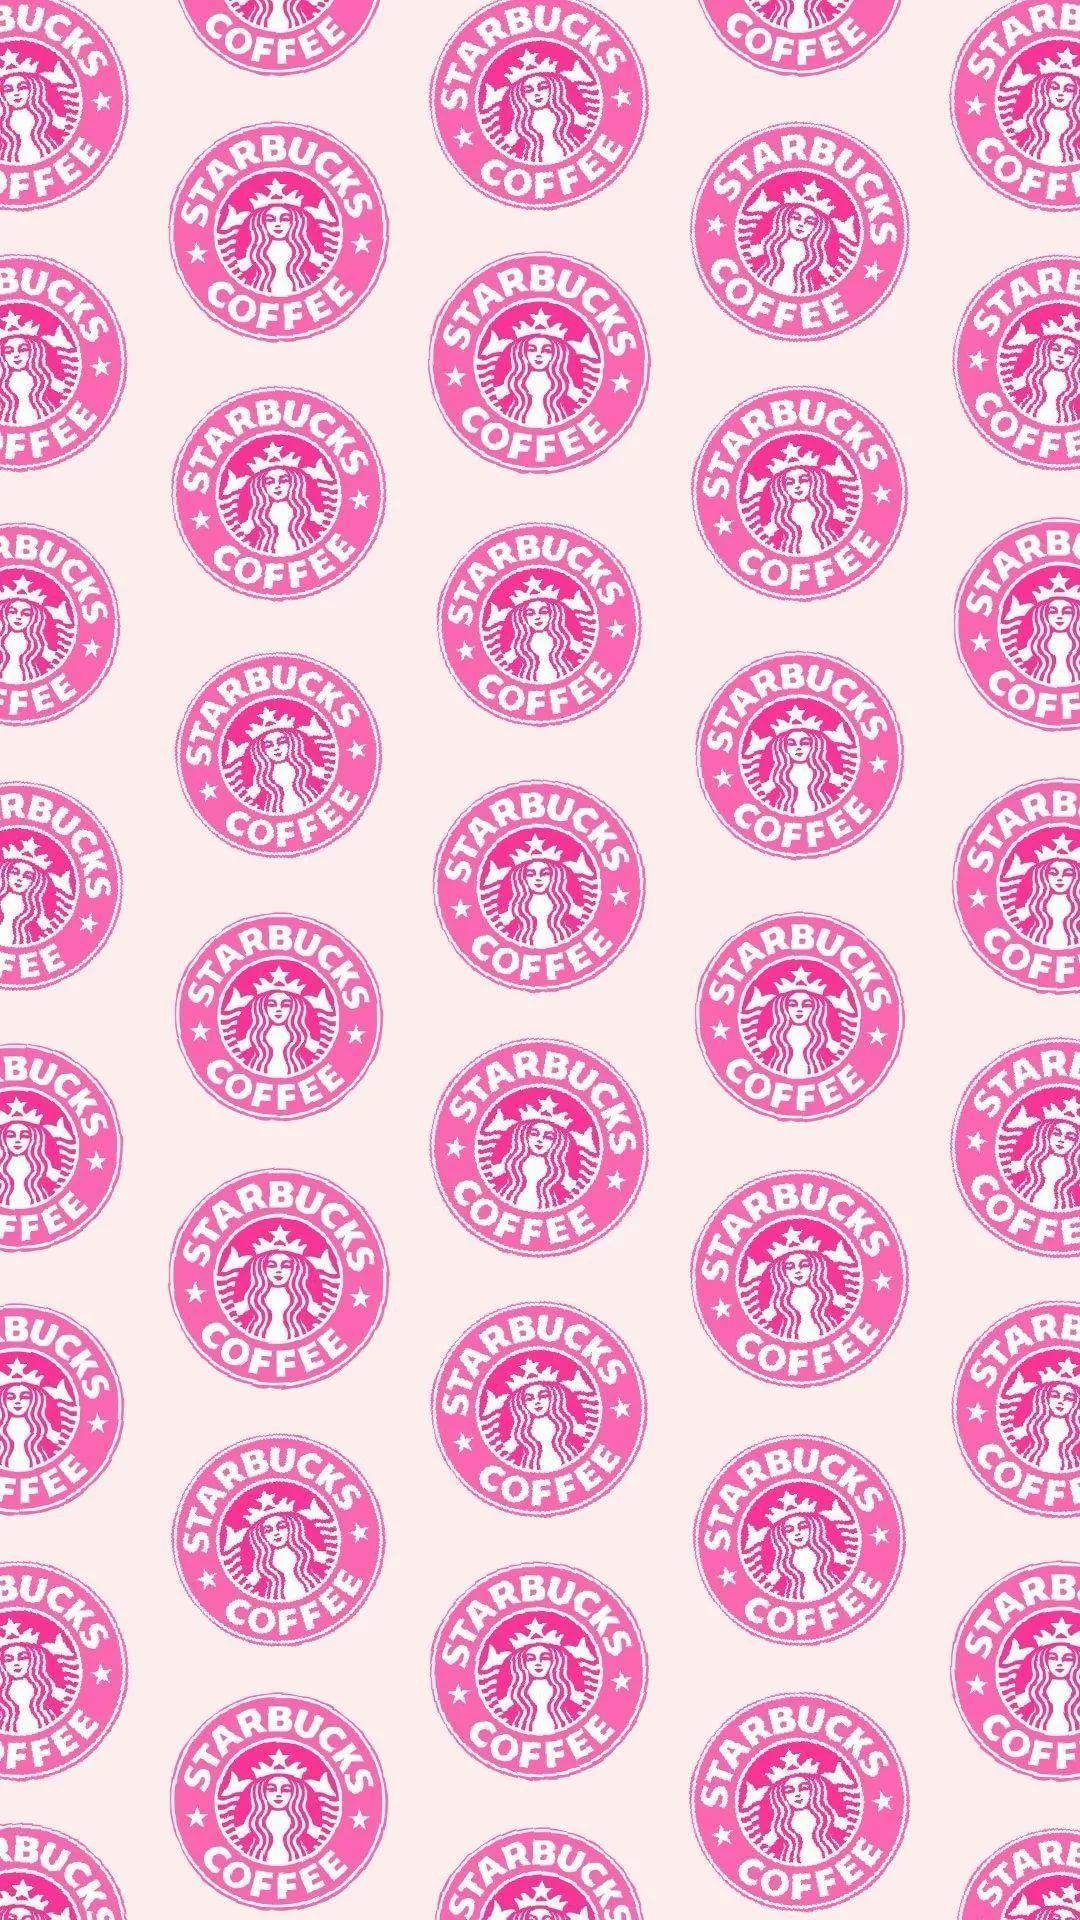 Starbucks iPhone xs max wallpaper